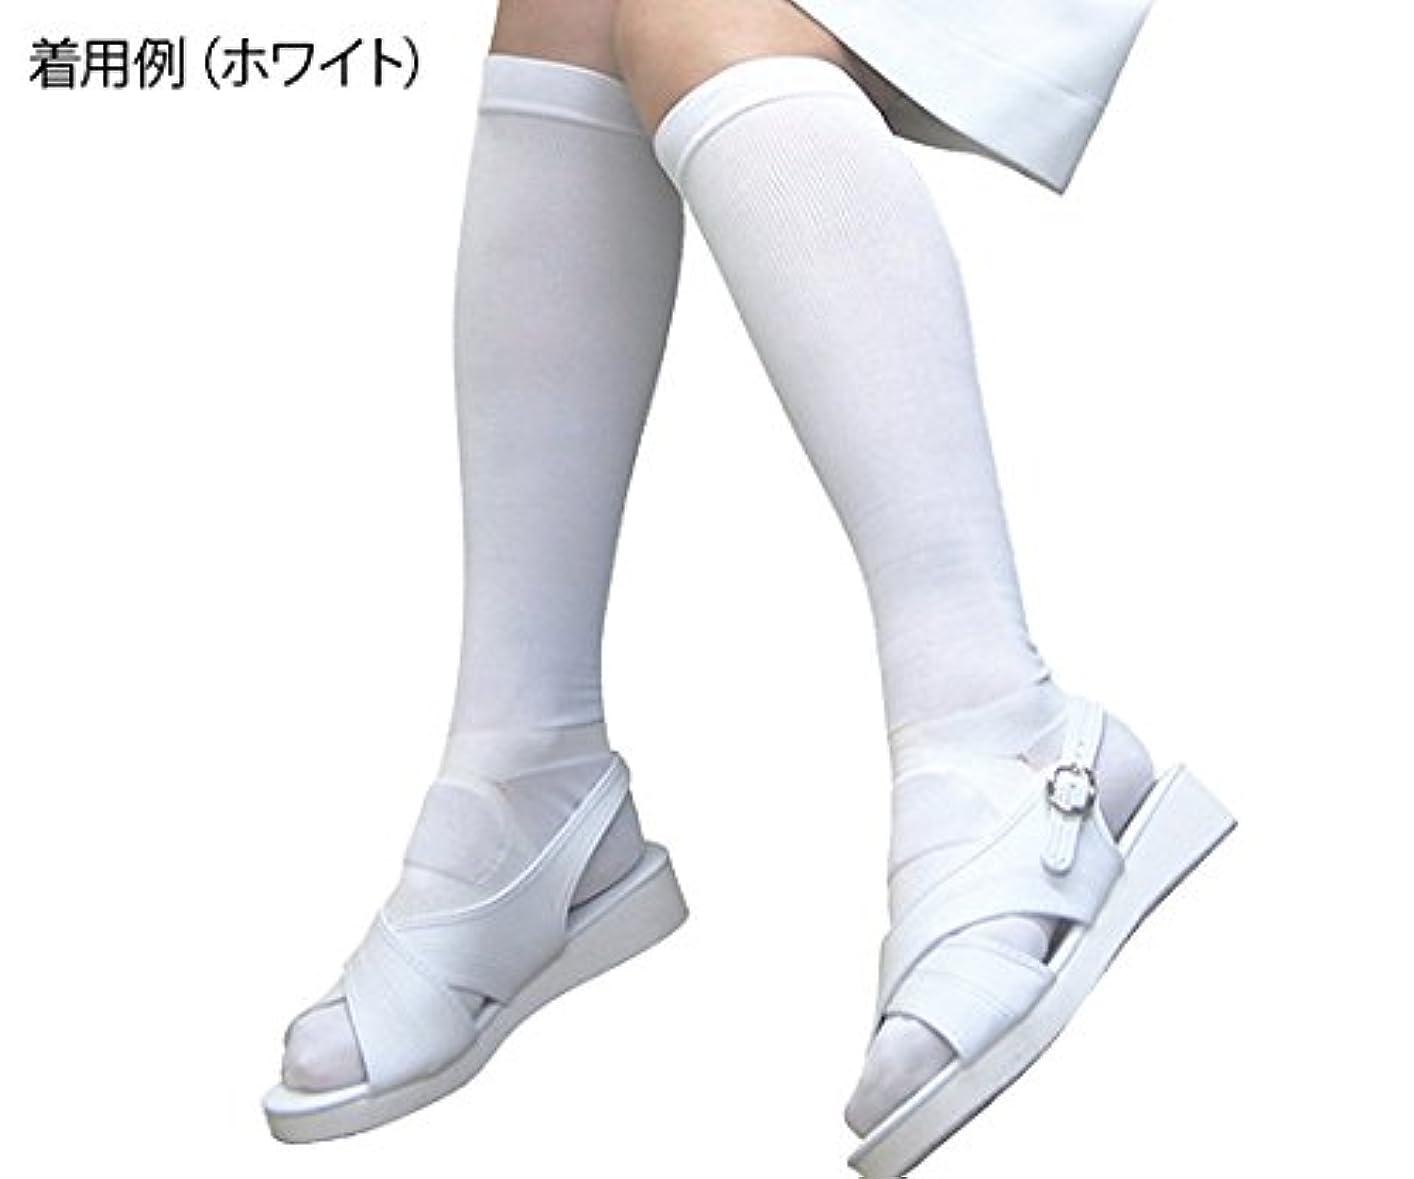 または小間ポンペイ8-6565-01足もとソリューション女性用黒Sサイズ